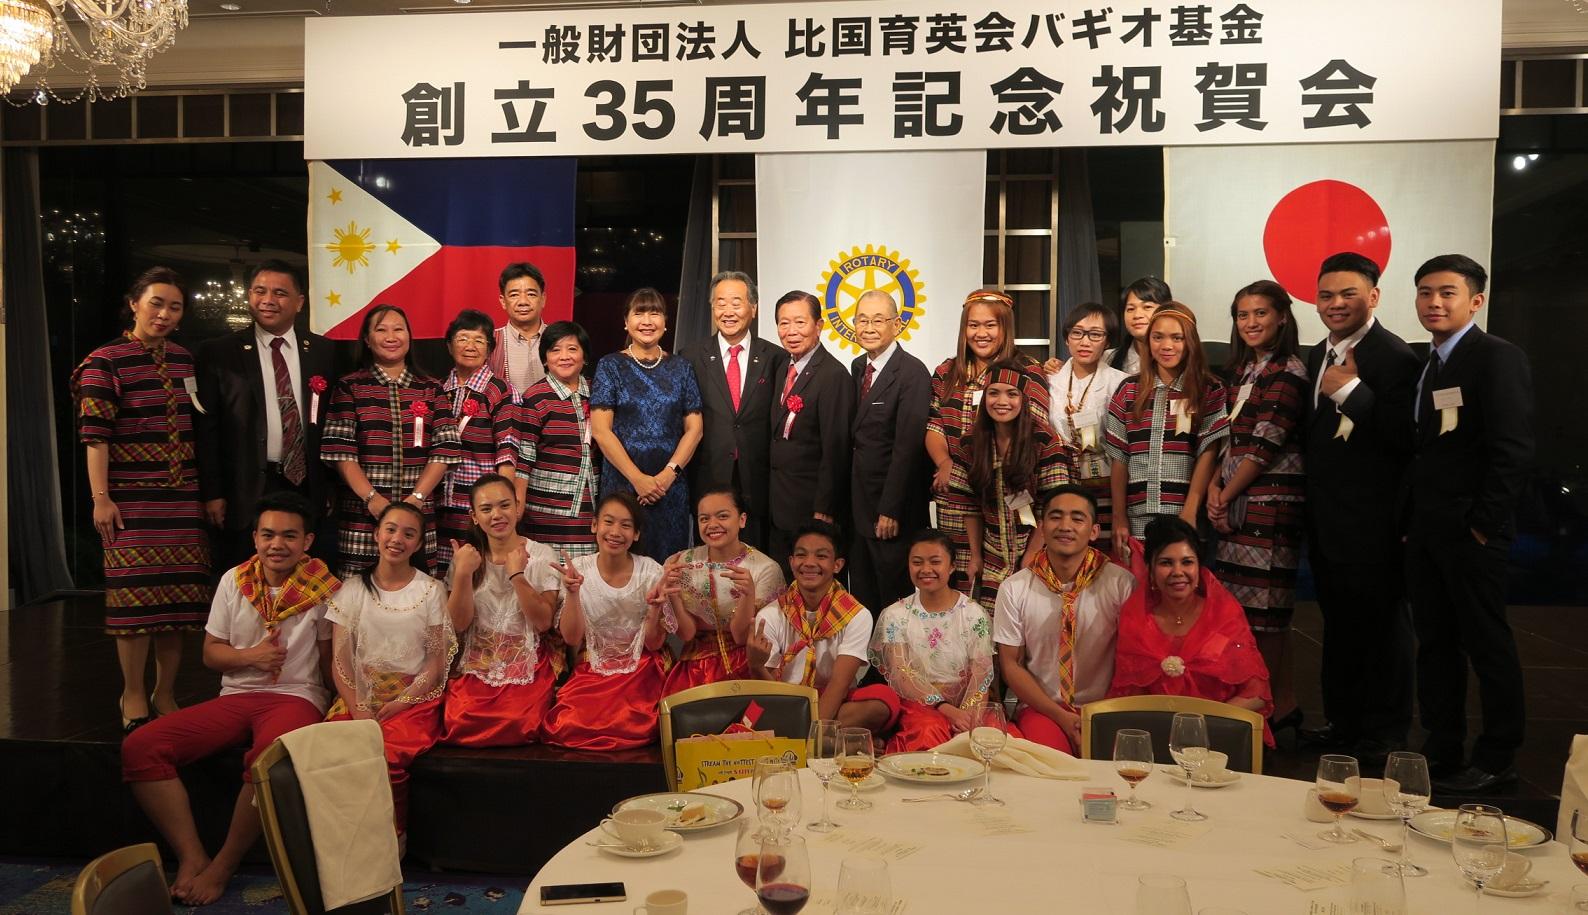 東京で 「比国育英会バギオ基金」の 創立35周年記念祝賀会が開催されました_a0109542_22264599.jpg